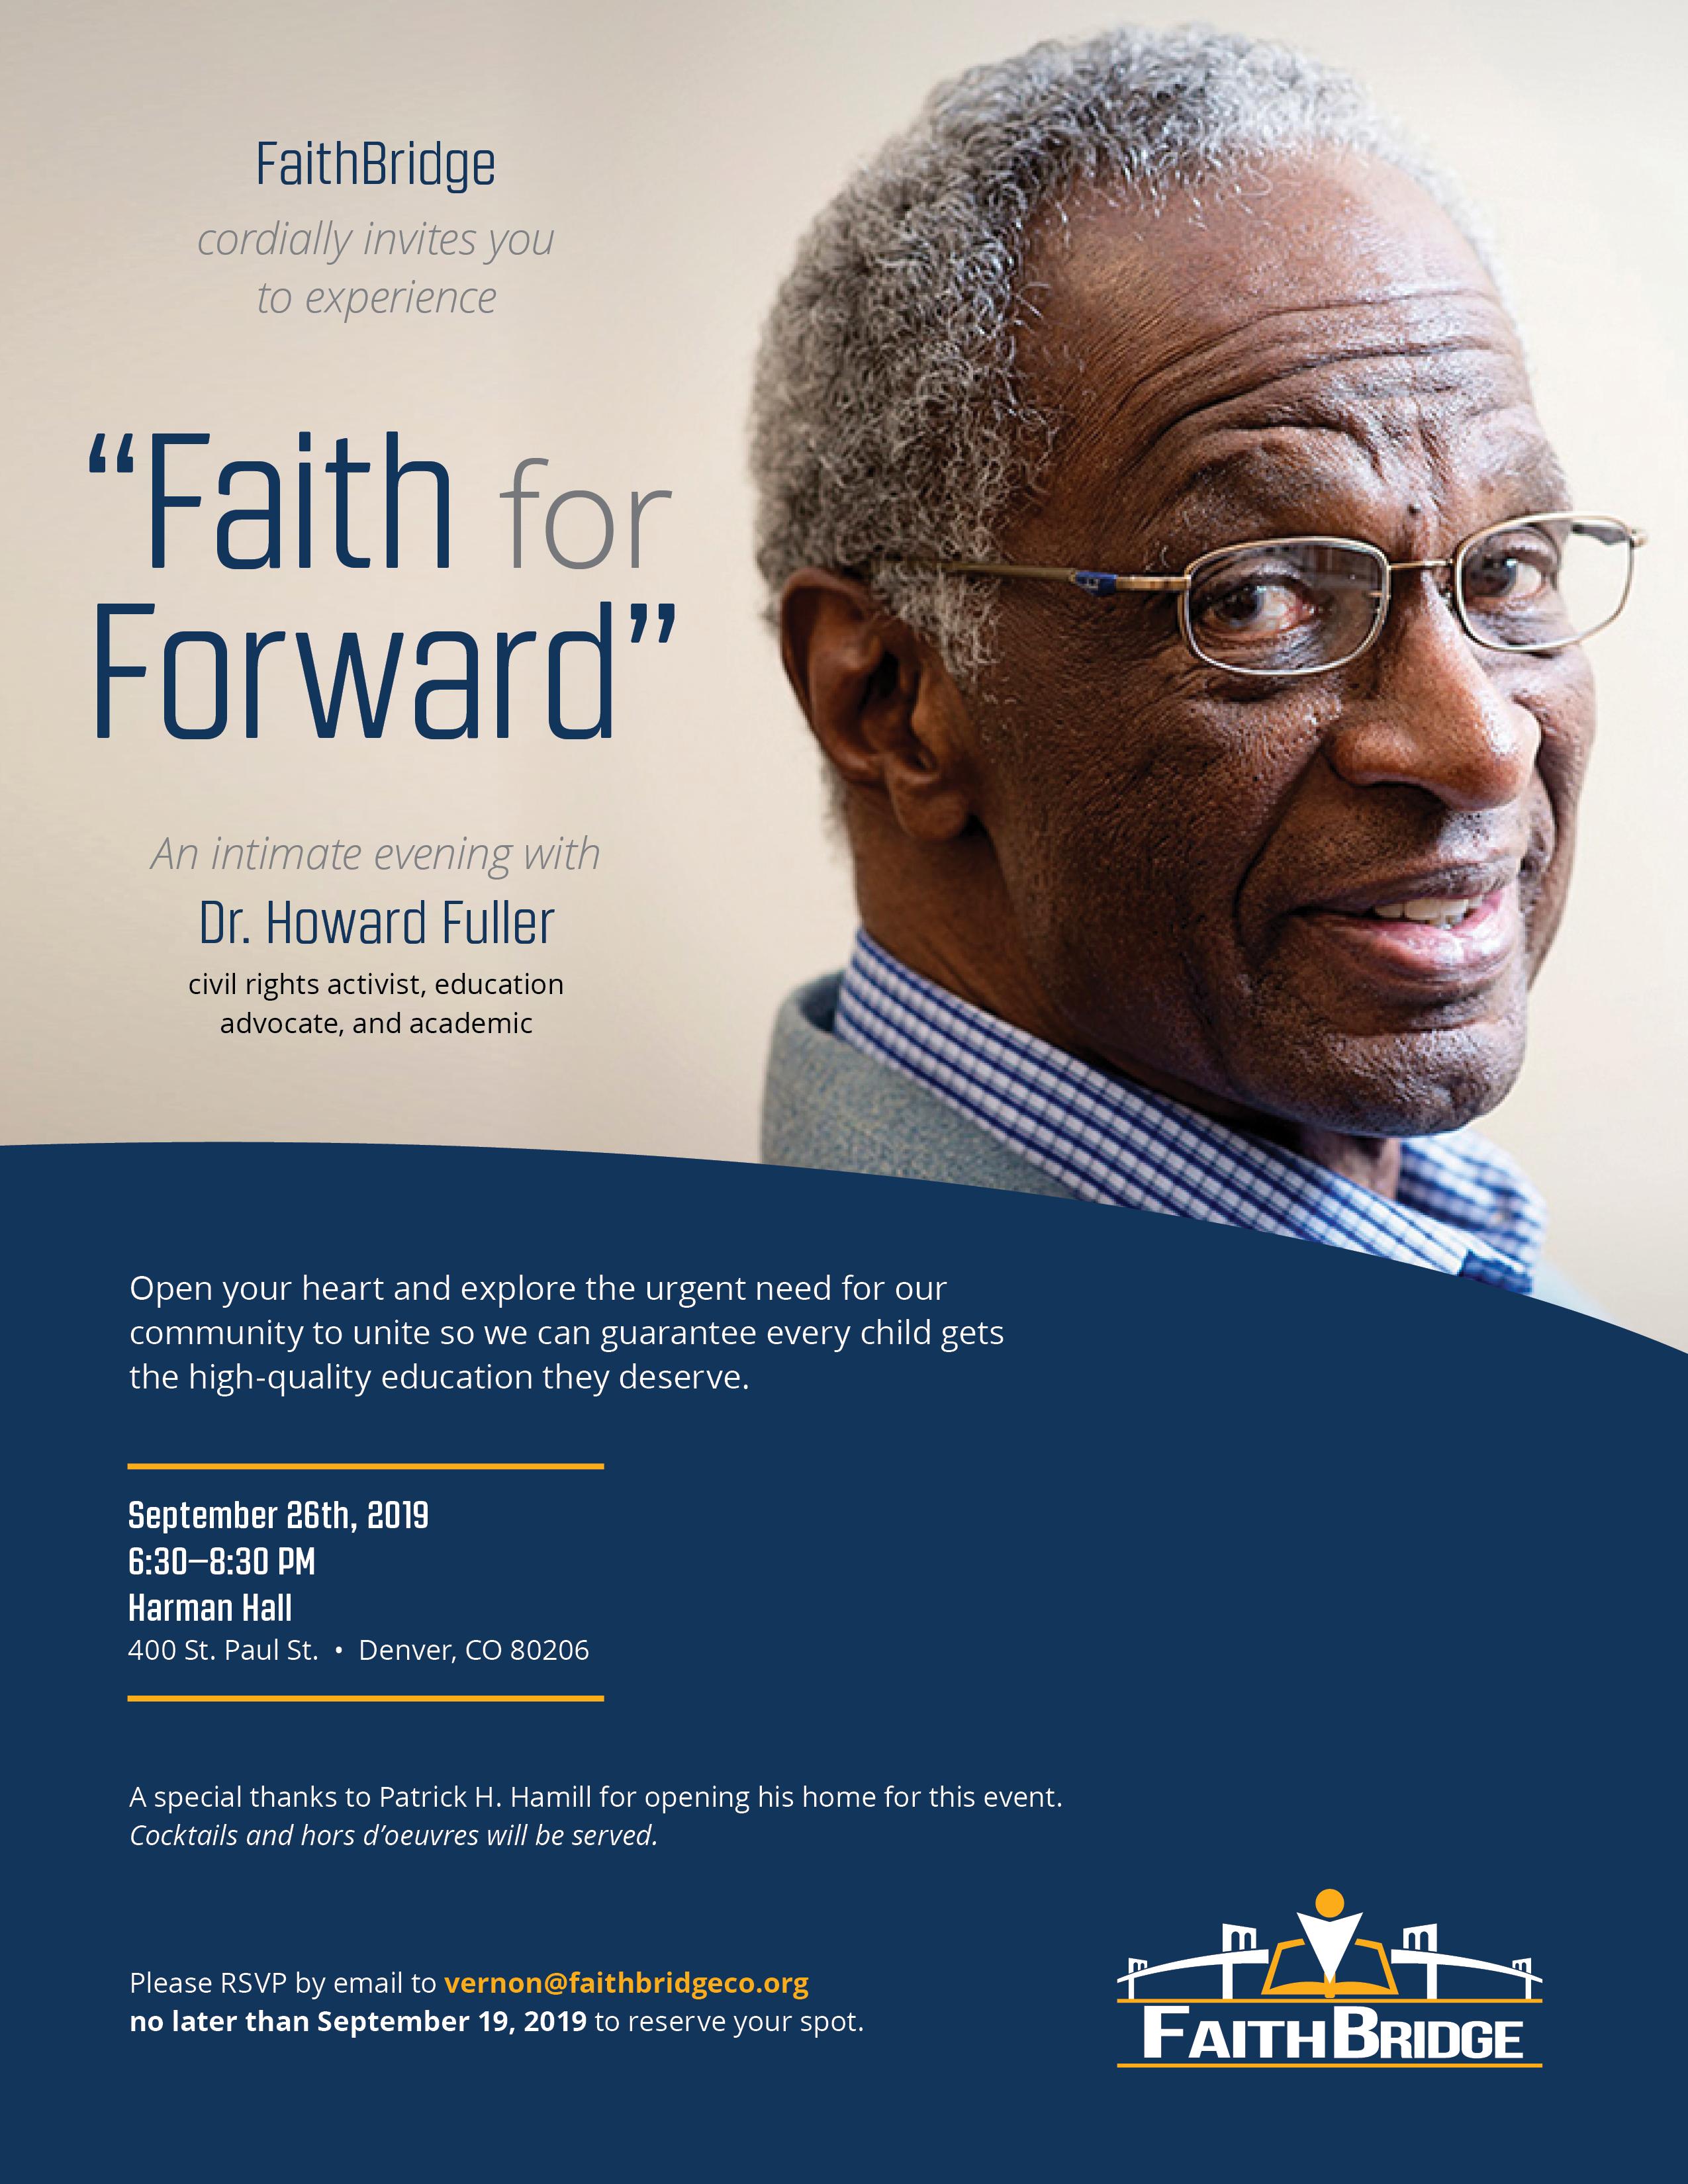 FaithBridge event invite